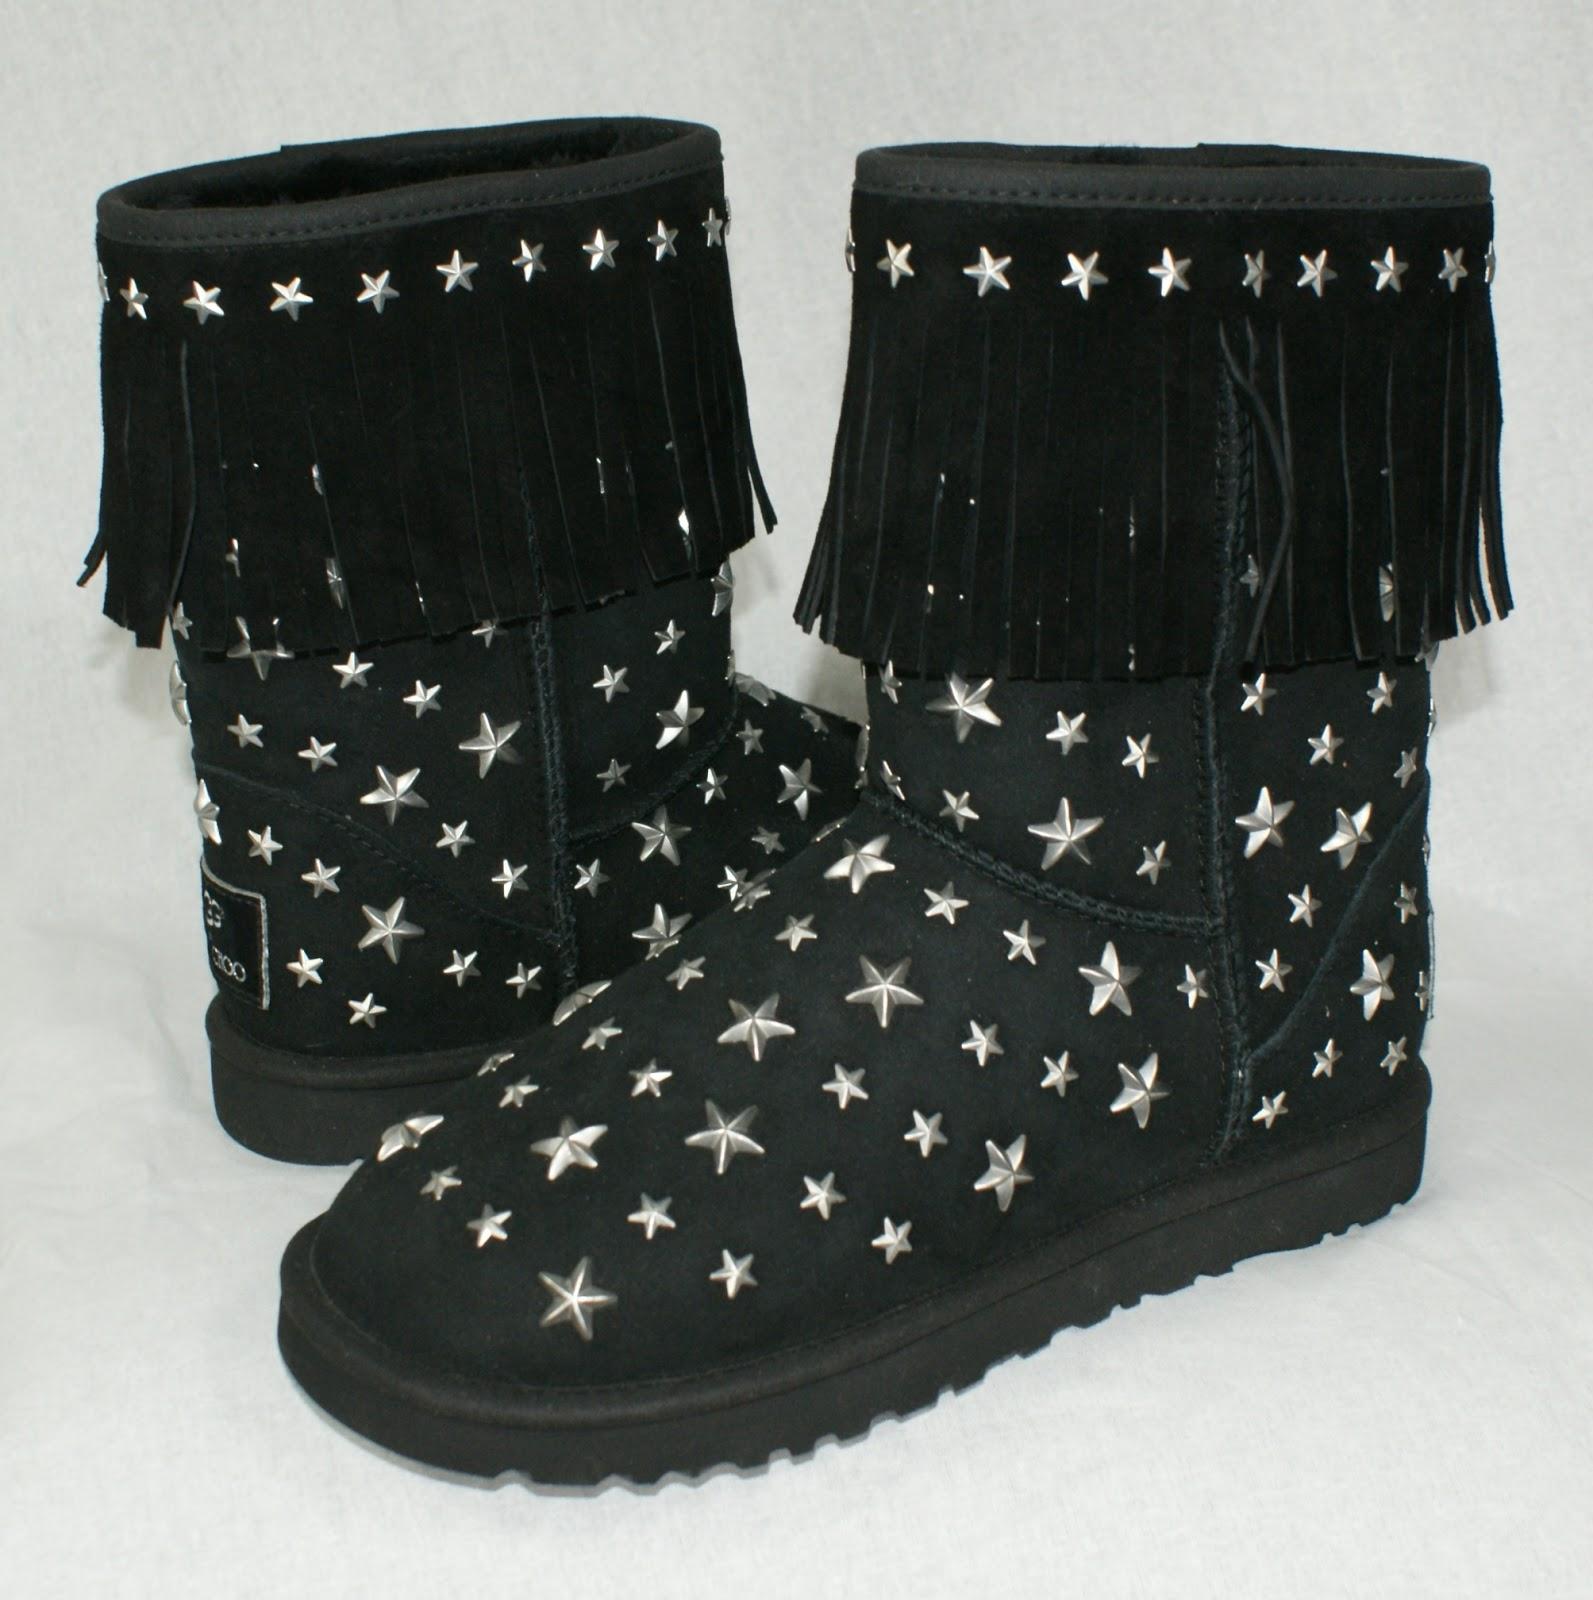 cheap ugg boots 2013